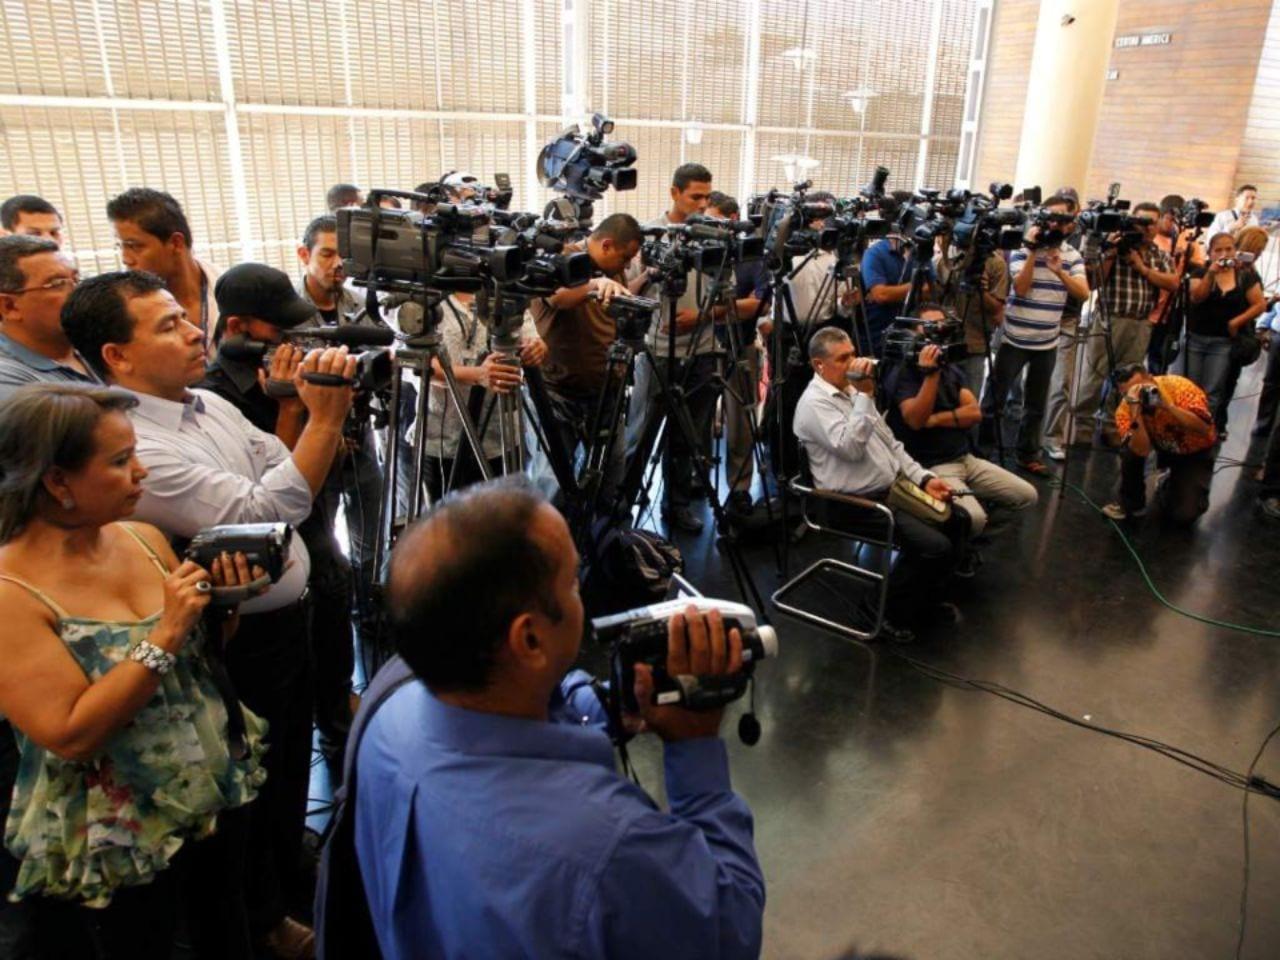 Las medidas de prevención que adoptarán las autoridades del Congreso Nacional de Honduras para sesionar este próximo jueves, para evitar el contagio del covid-19, serán más drásticas